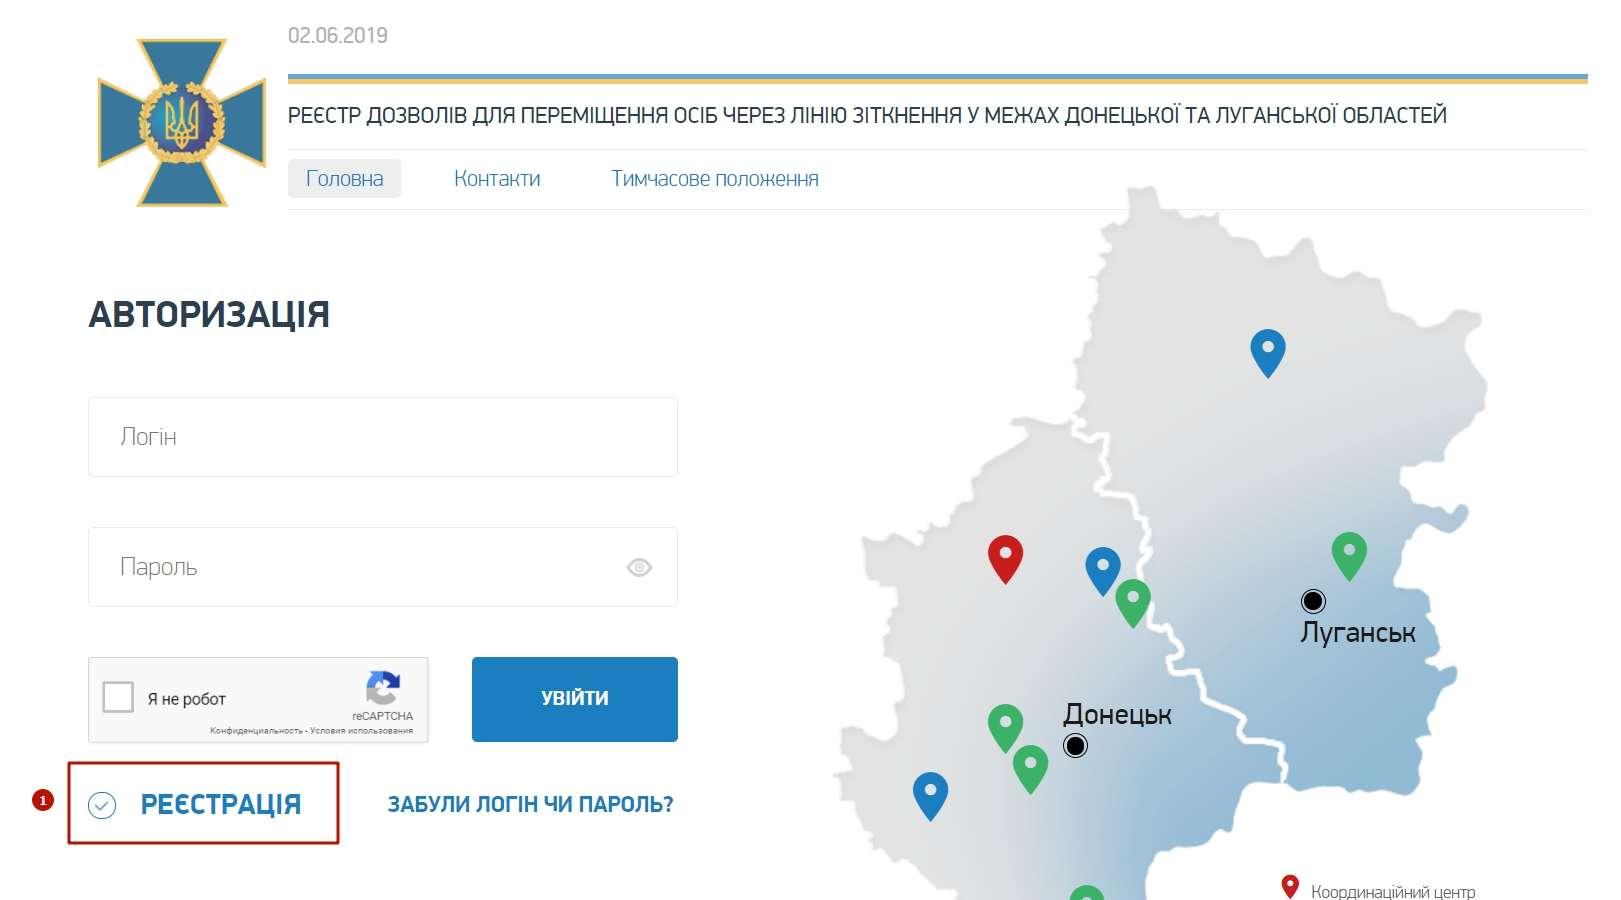 Регистрация на сайте СБУ: шаг 1